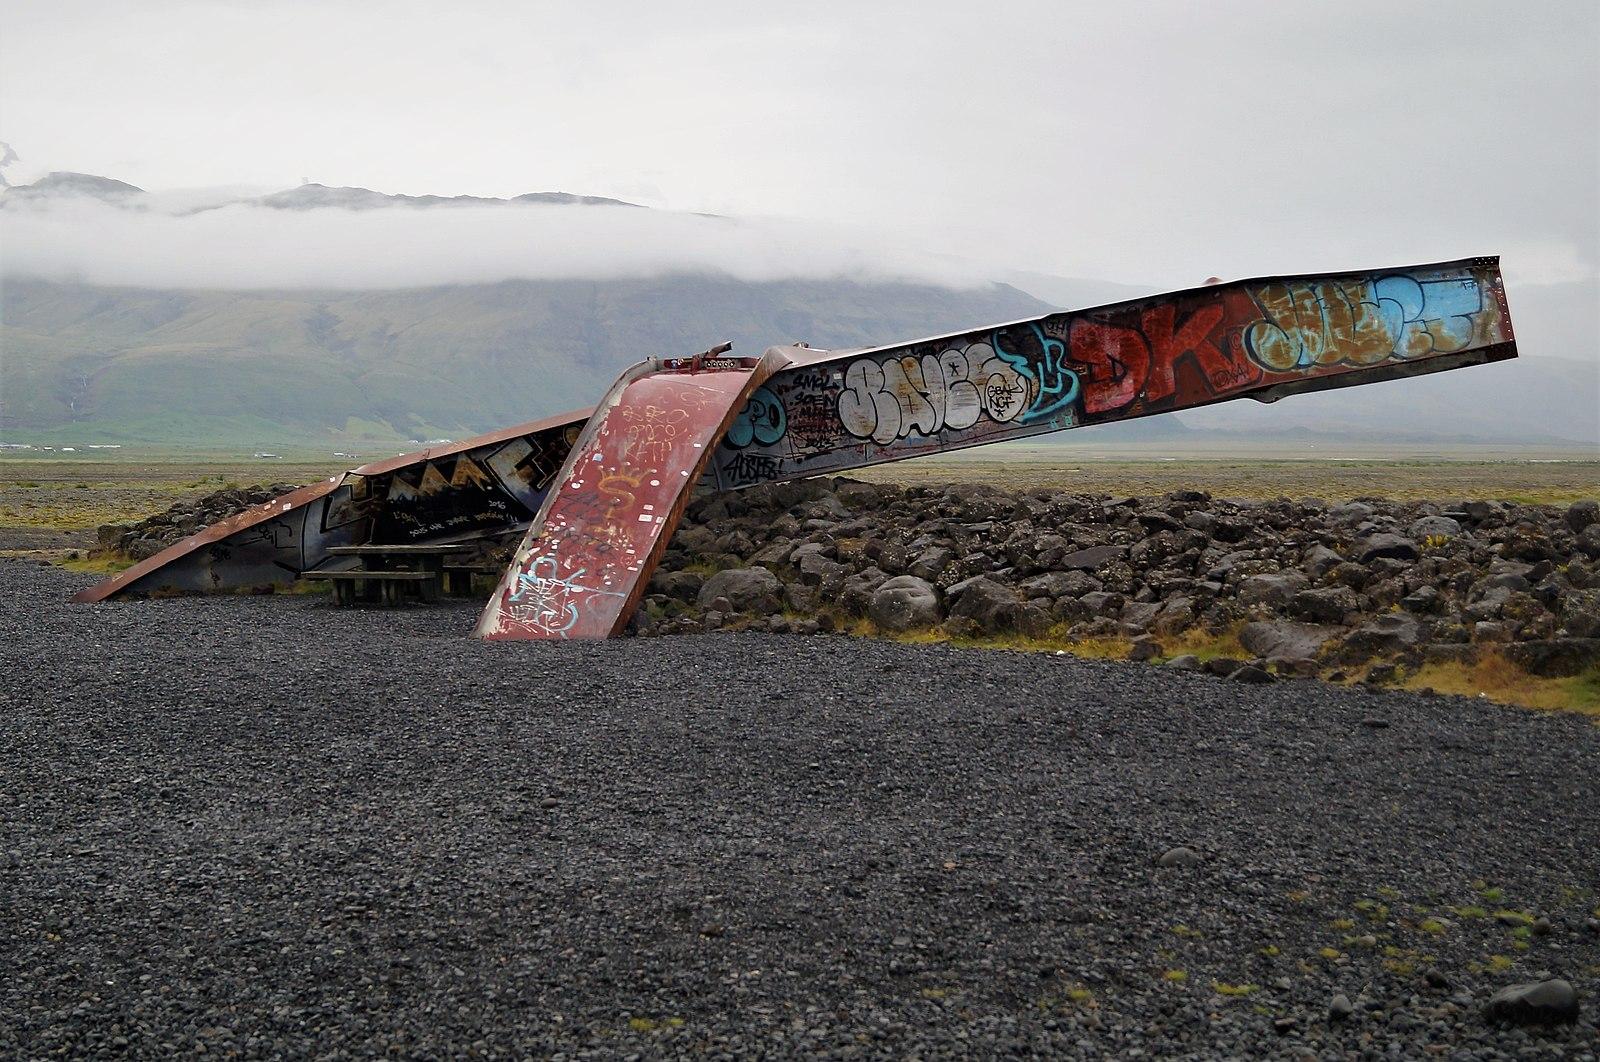 冰岛南岸Skeiðarársandur黑沙滩上的断桥残骸,显示着冰川洪水的力量